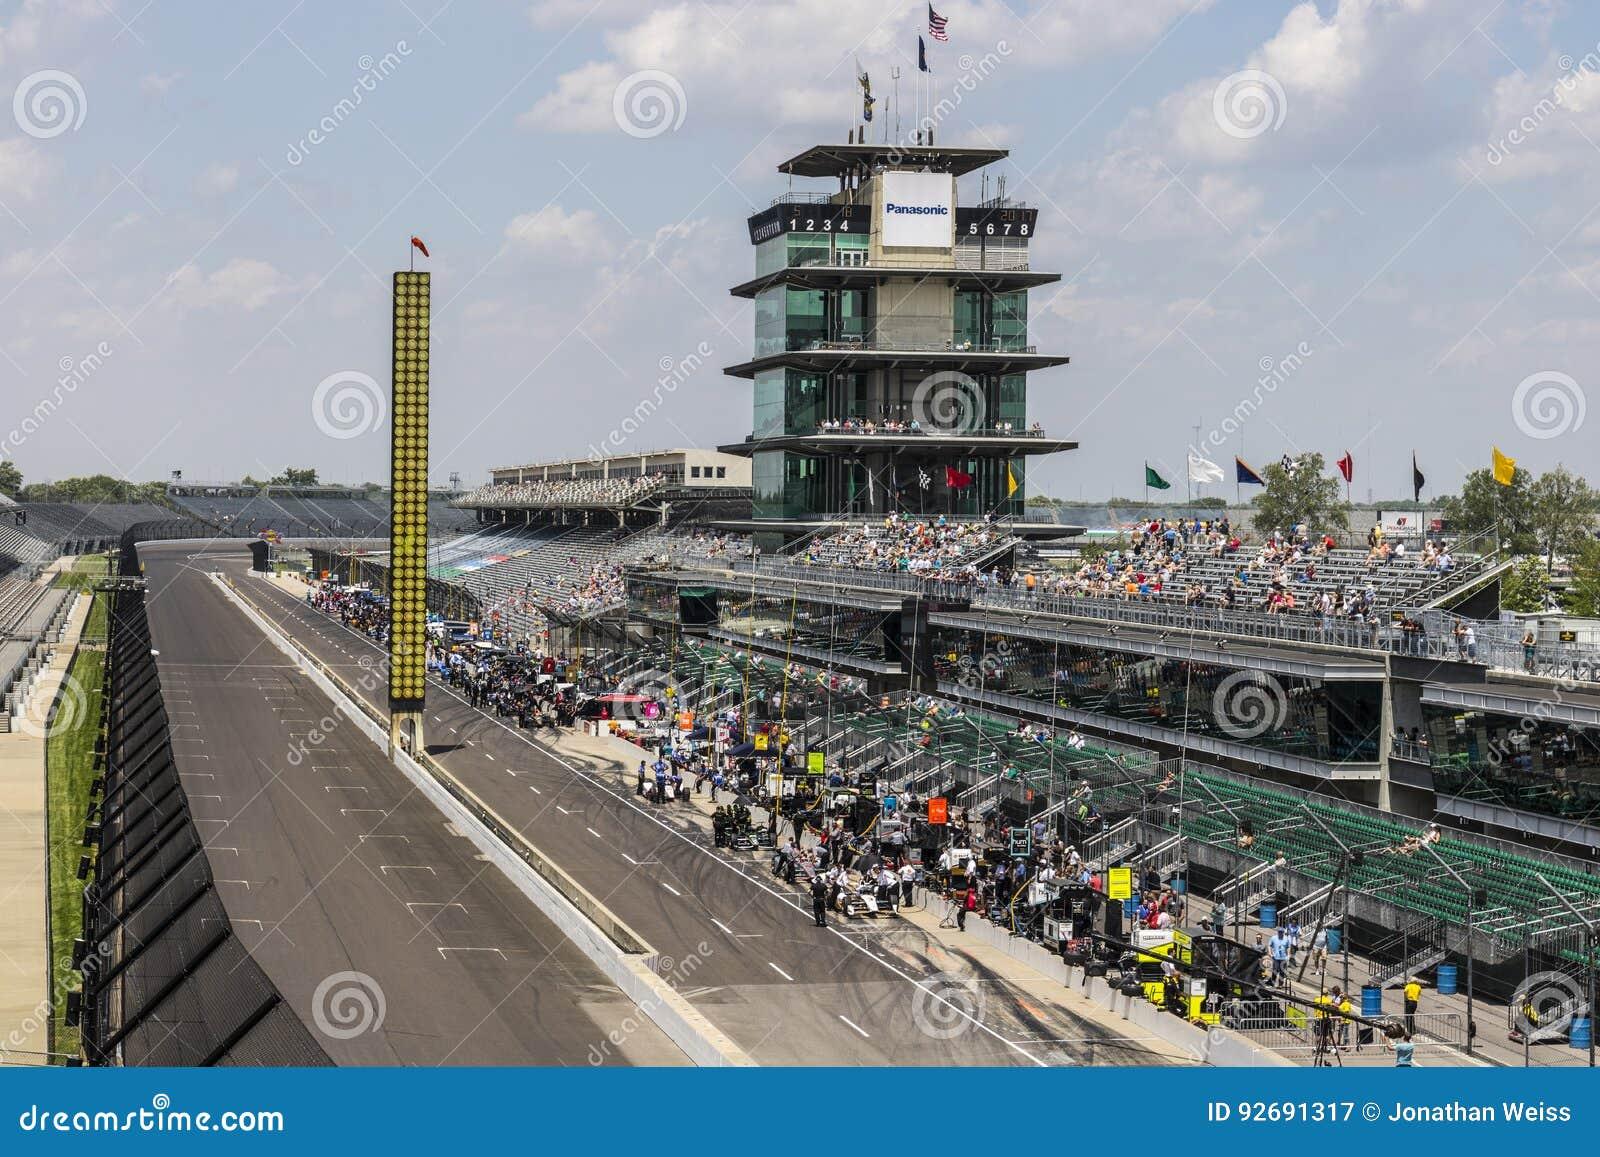 Indianapolis - Circa Maj 2017: Den Panasonic pagoden på Indianapolis Motor Speedway IMS förbereder sig för av den Indy 500 droppe